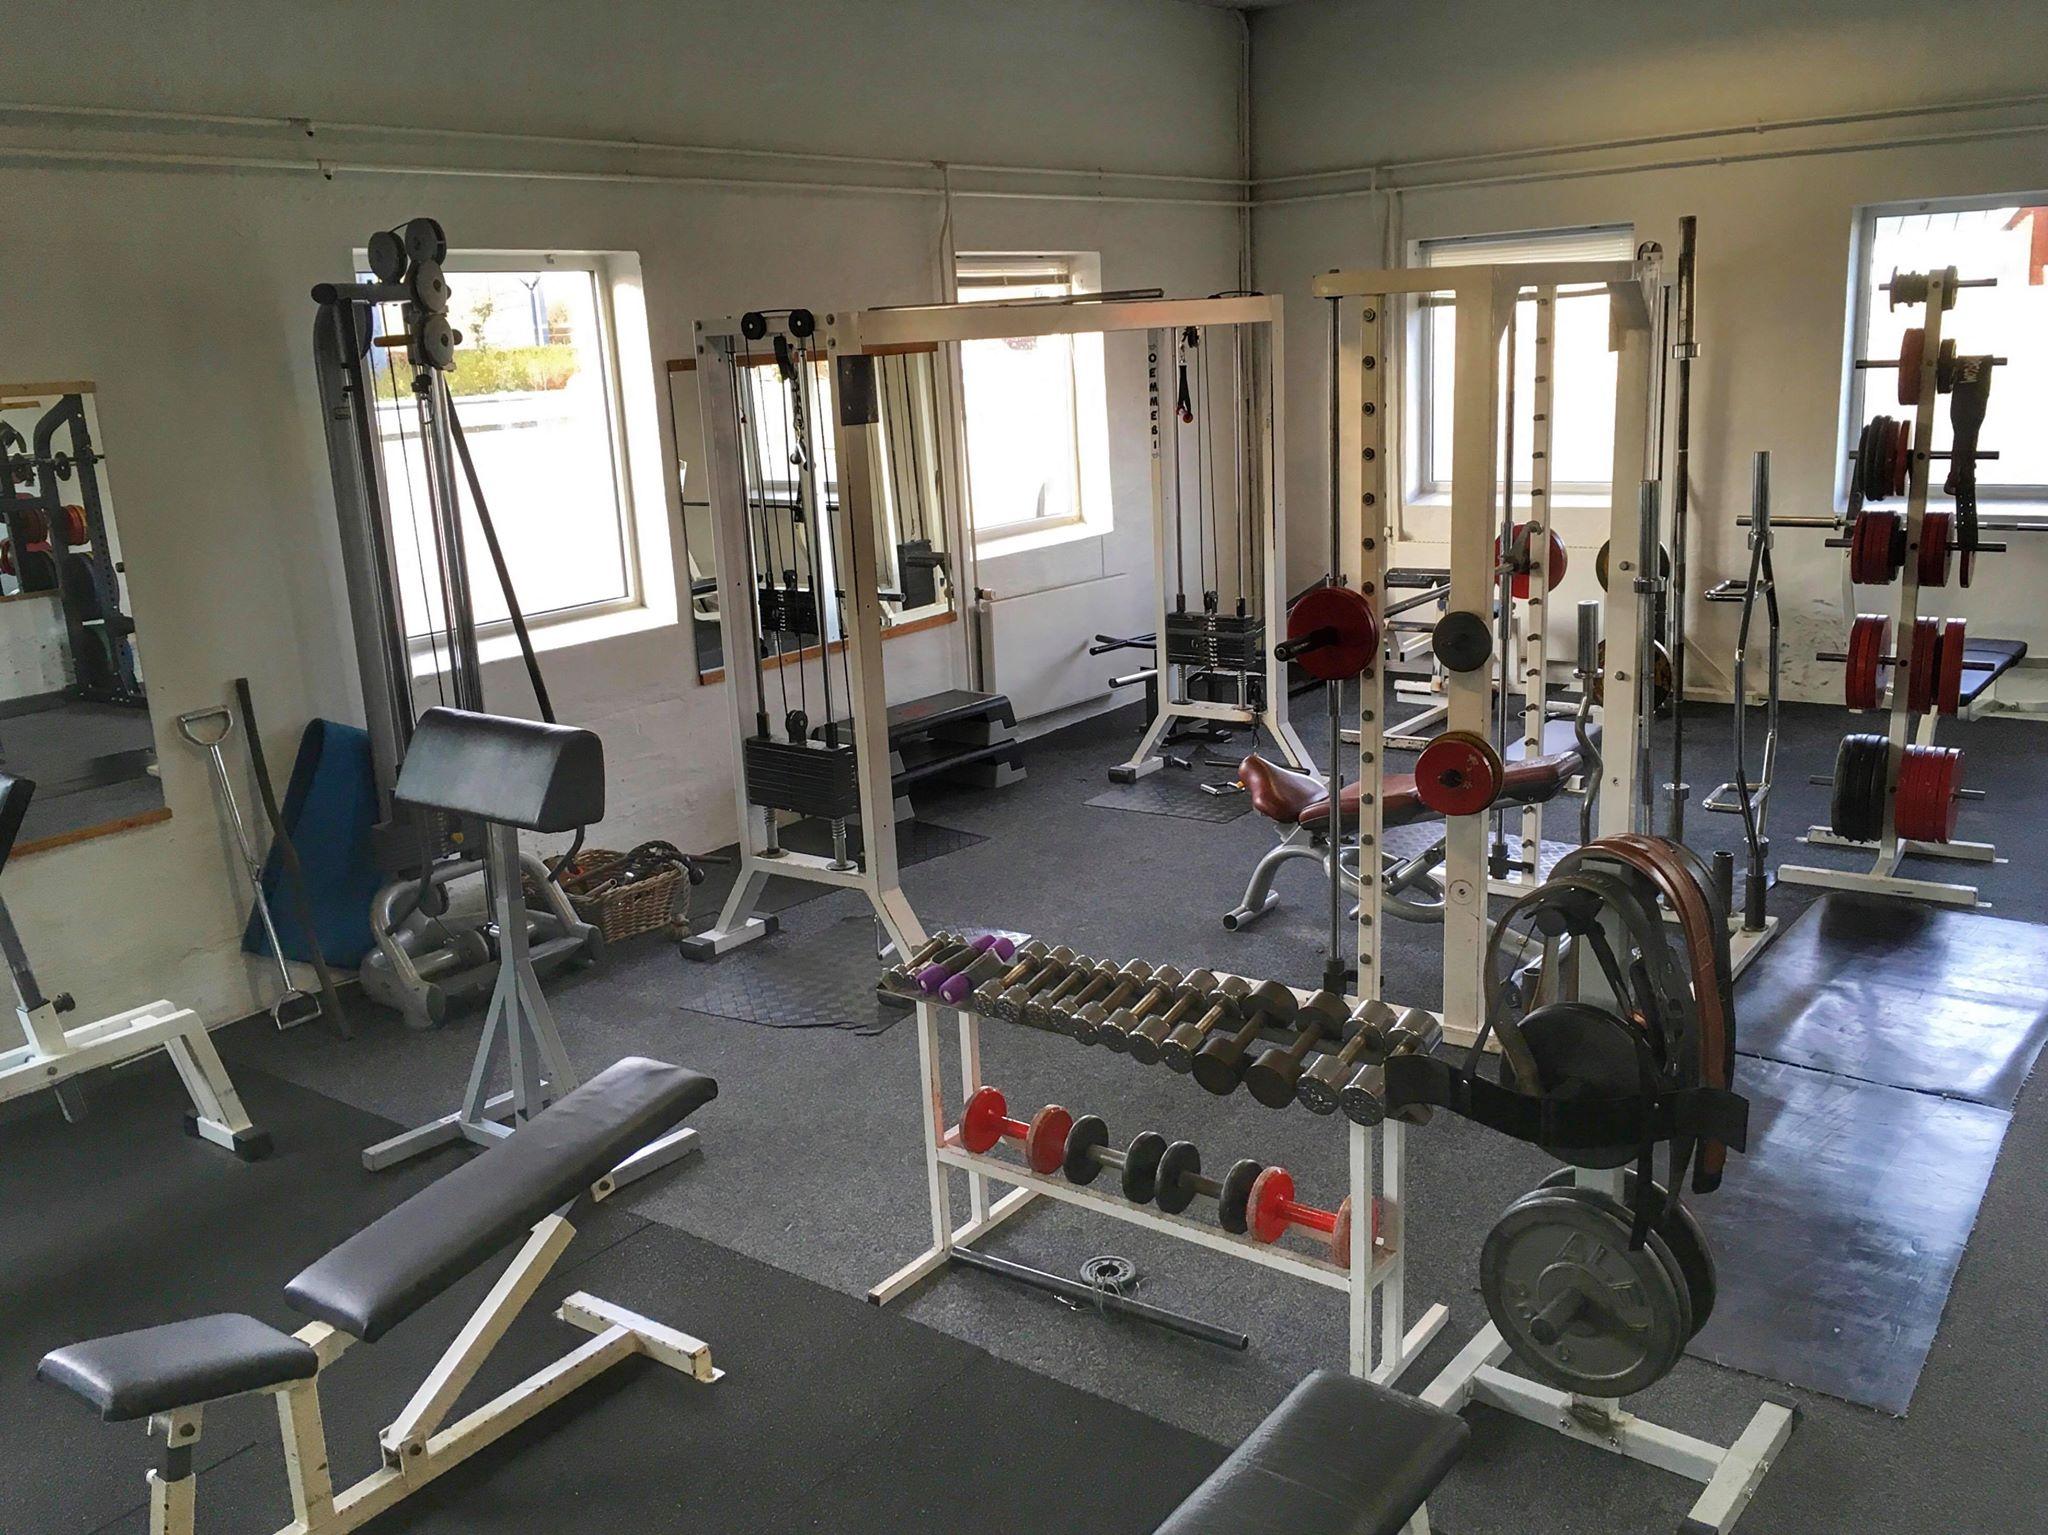 Træningscenter i Ringe - lokale